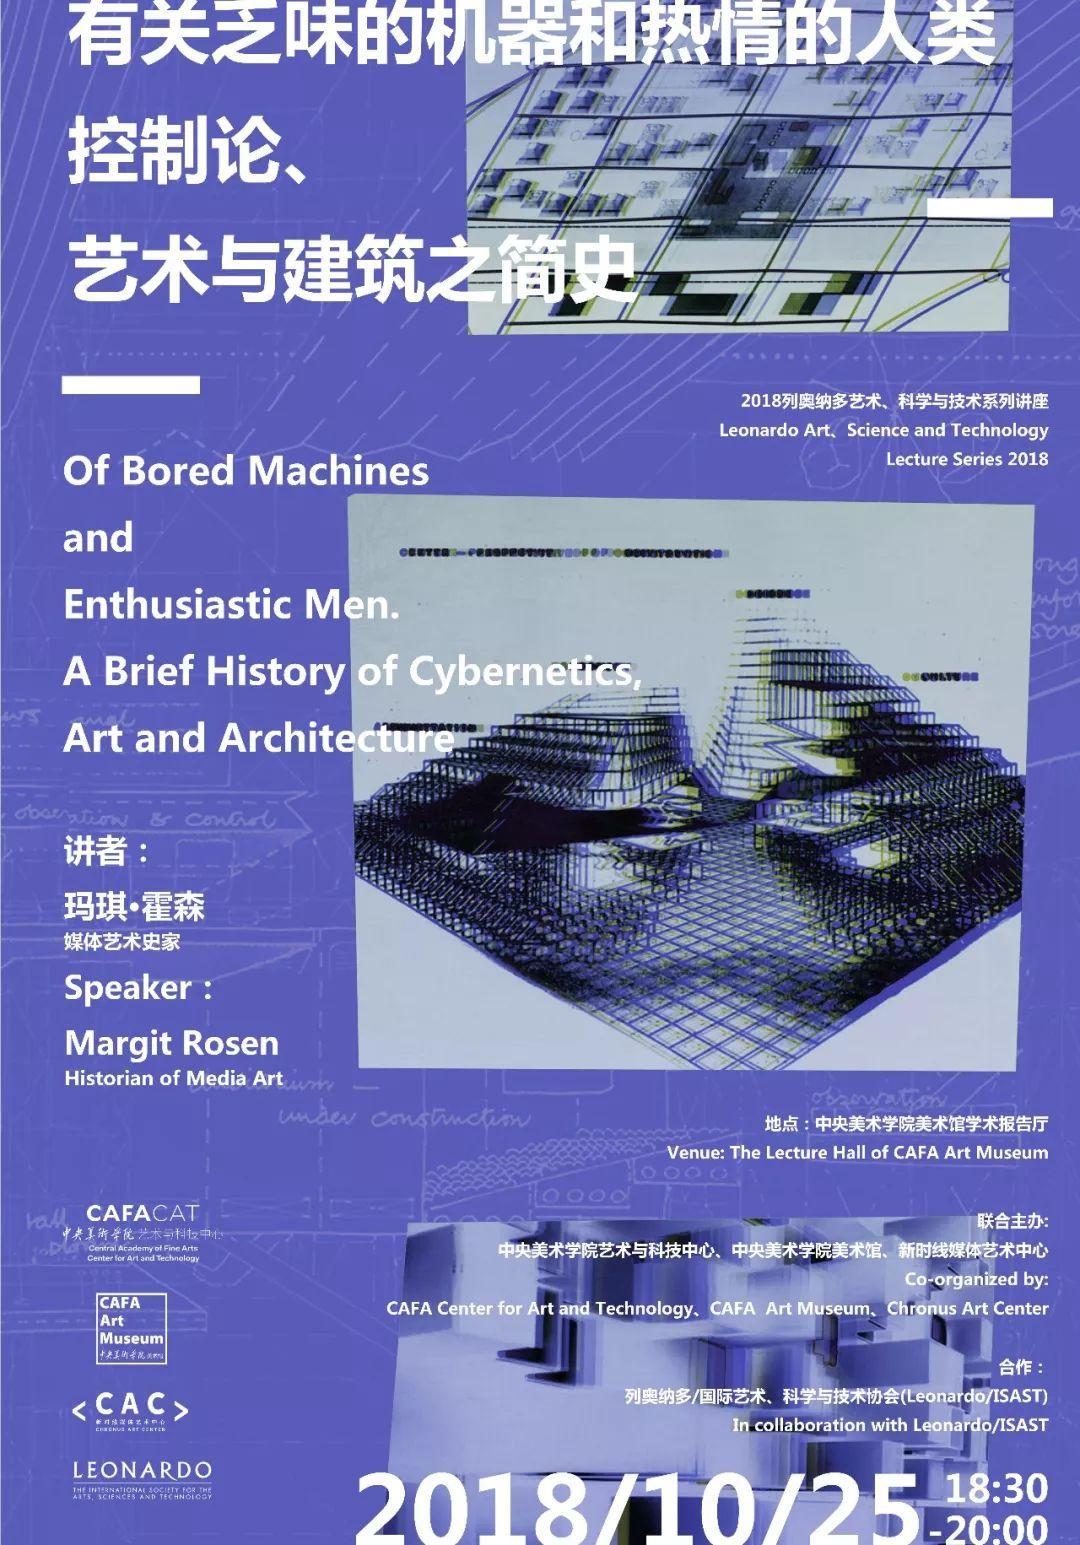 有关乏味的机器和热情的人类:控制论、艺术与建筑之简史——玛琪·霍森(Margit Rosen)| CAFAM讲座预告